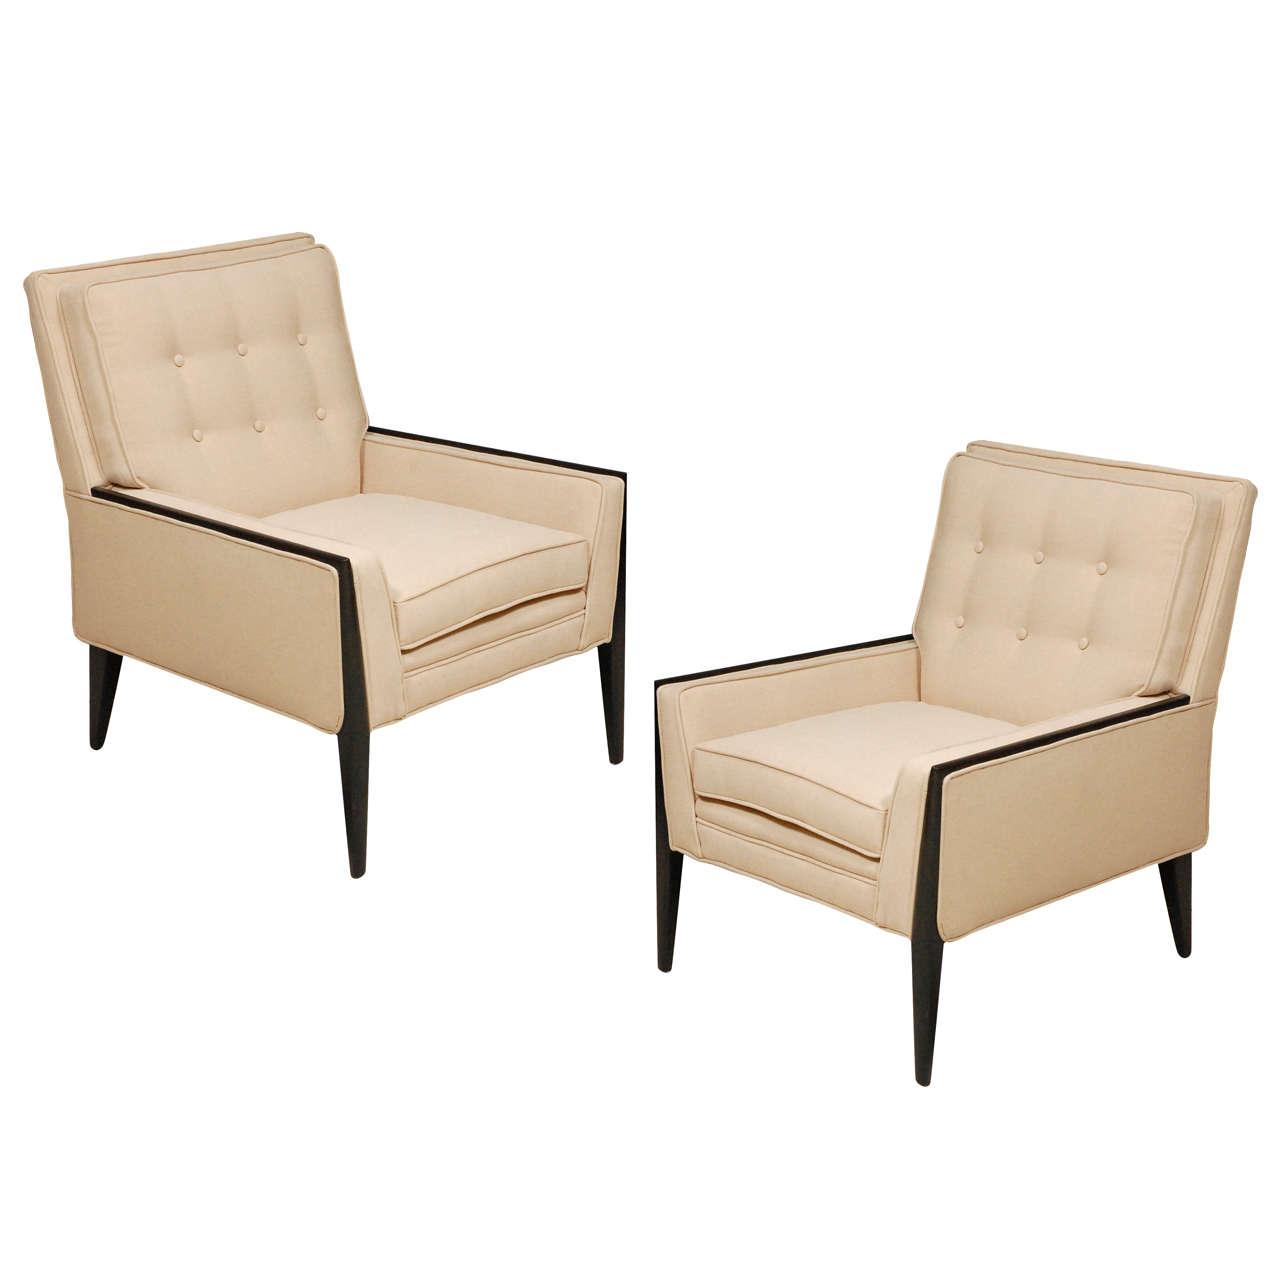 Pair of Paul McCobb Chairs